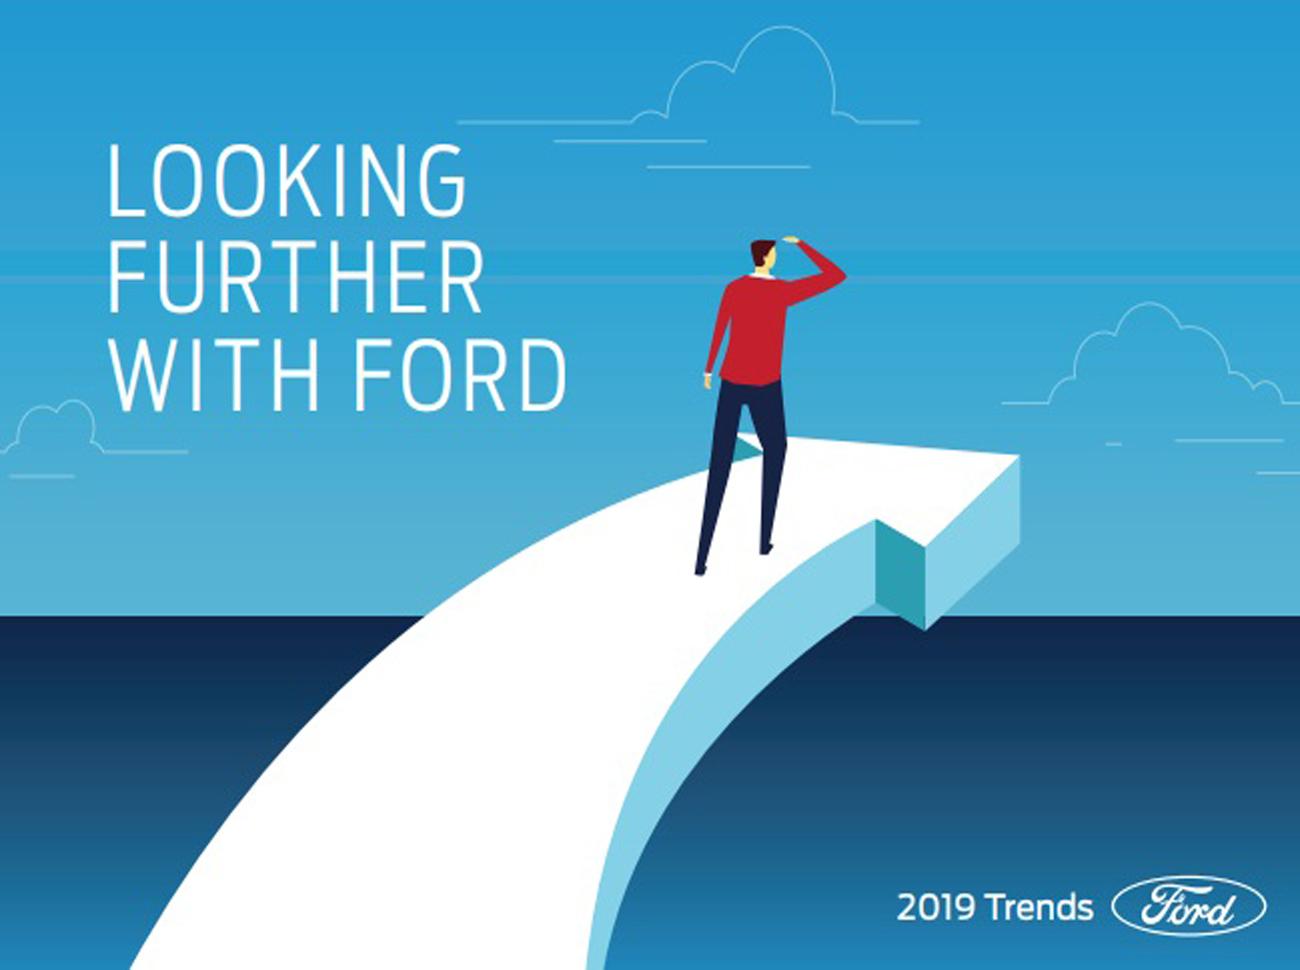 Ford 2019 Yılı Trend Raporu'nu Açıkladı